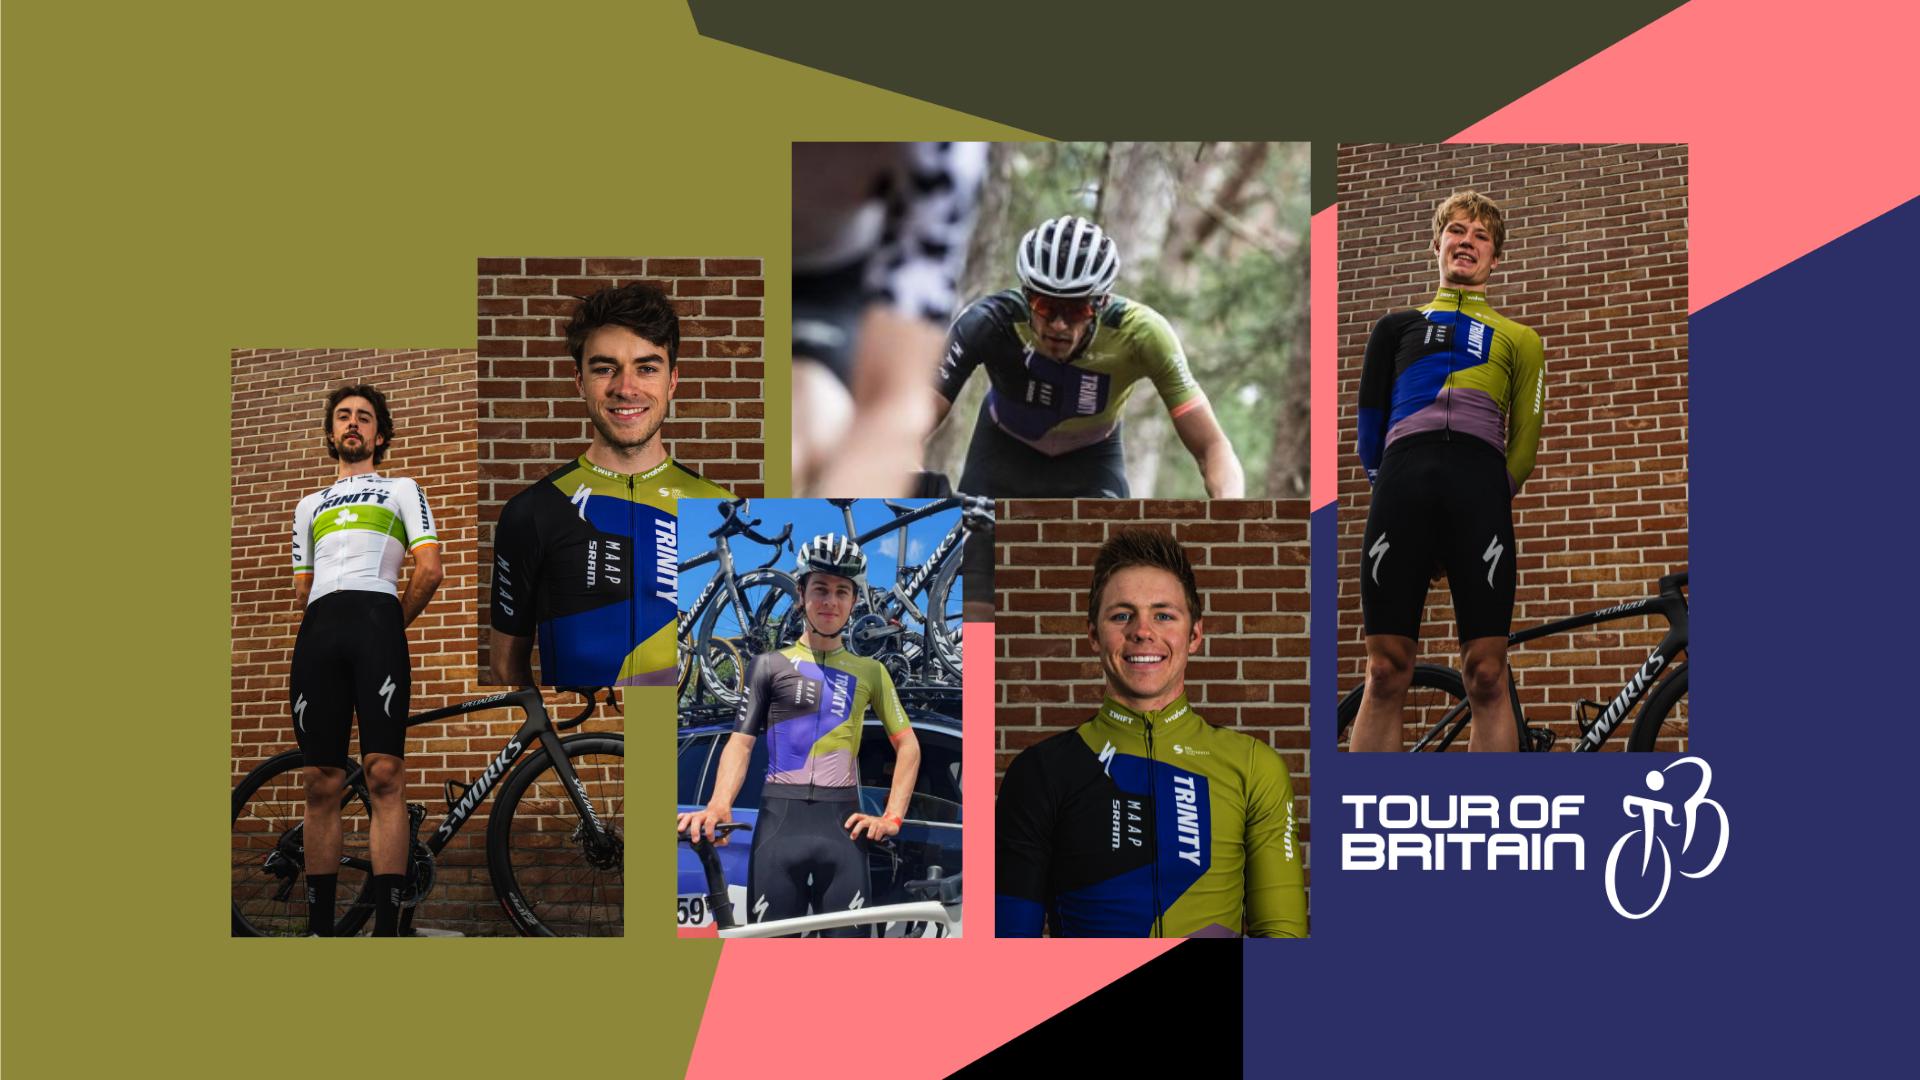 Tour of Britain TRINITY Racing 2021